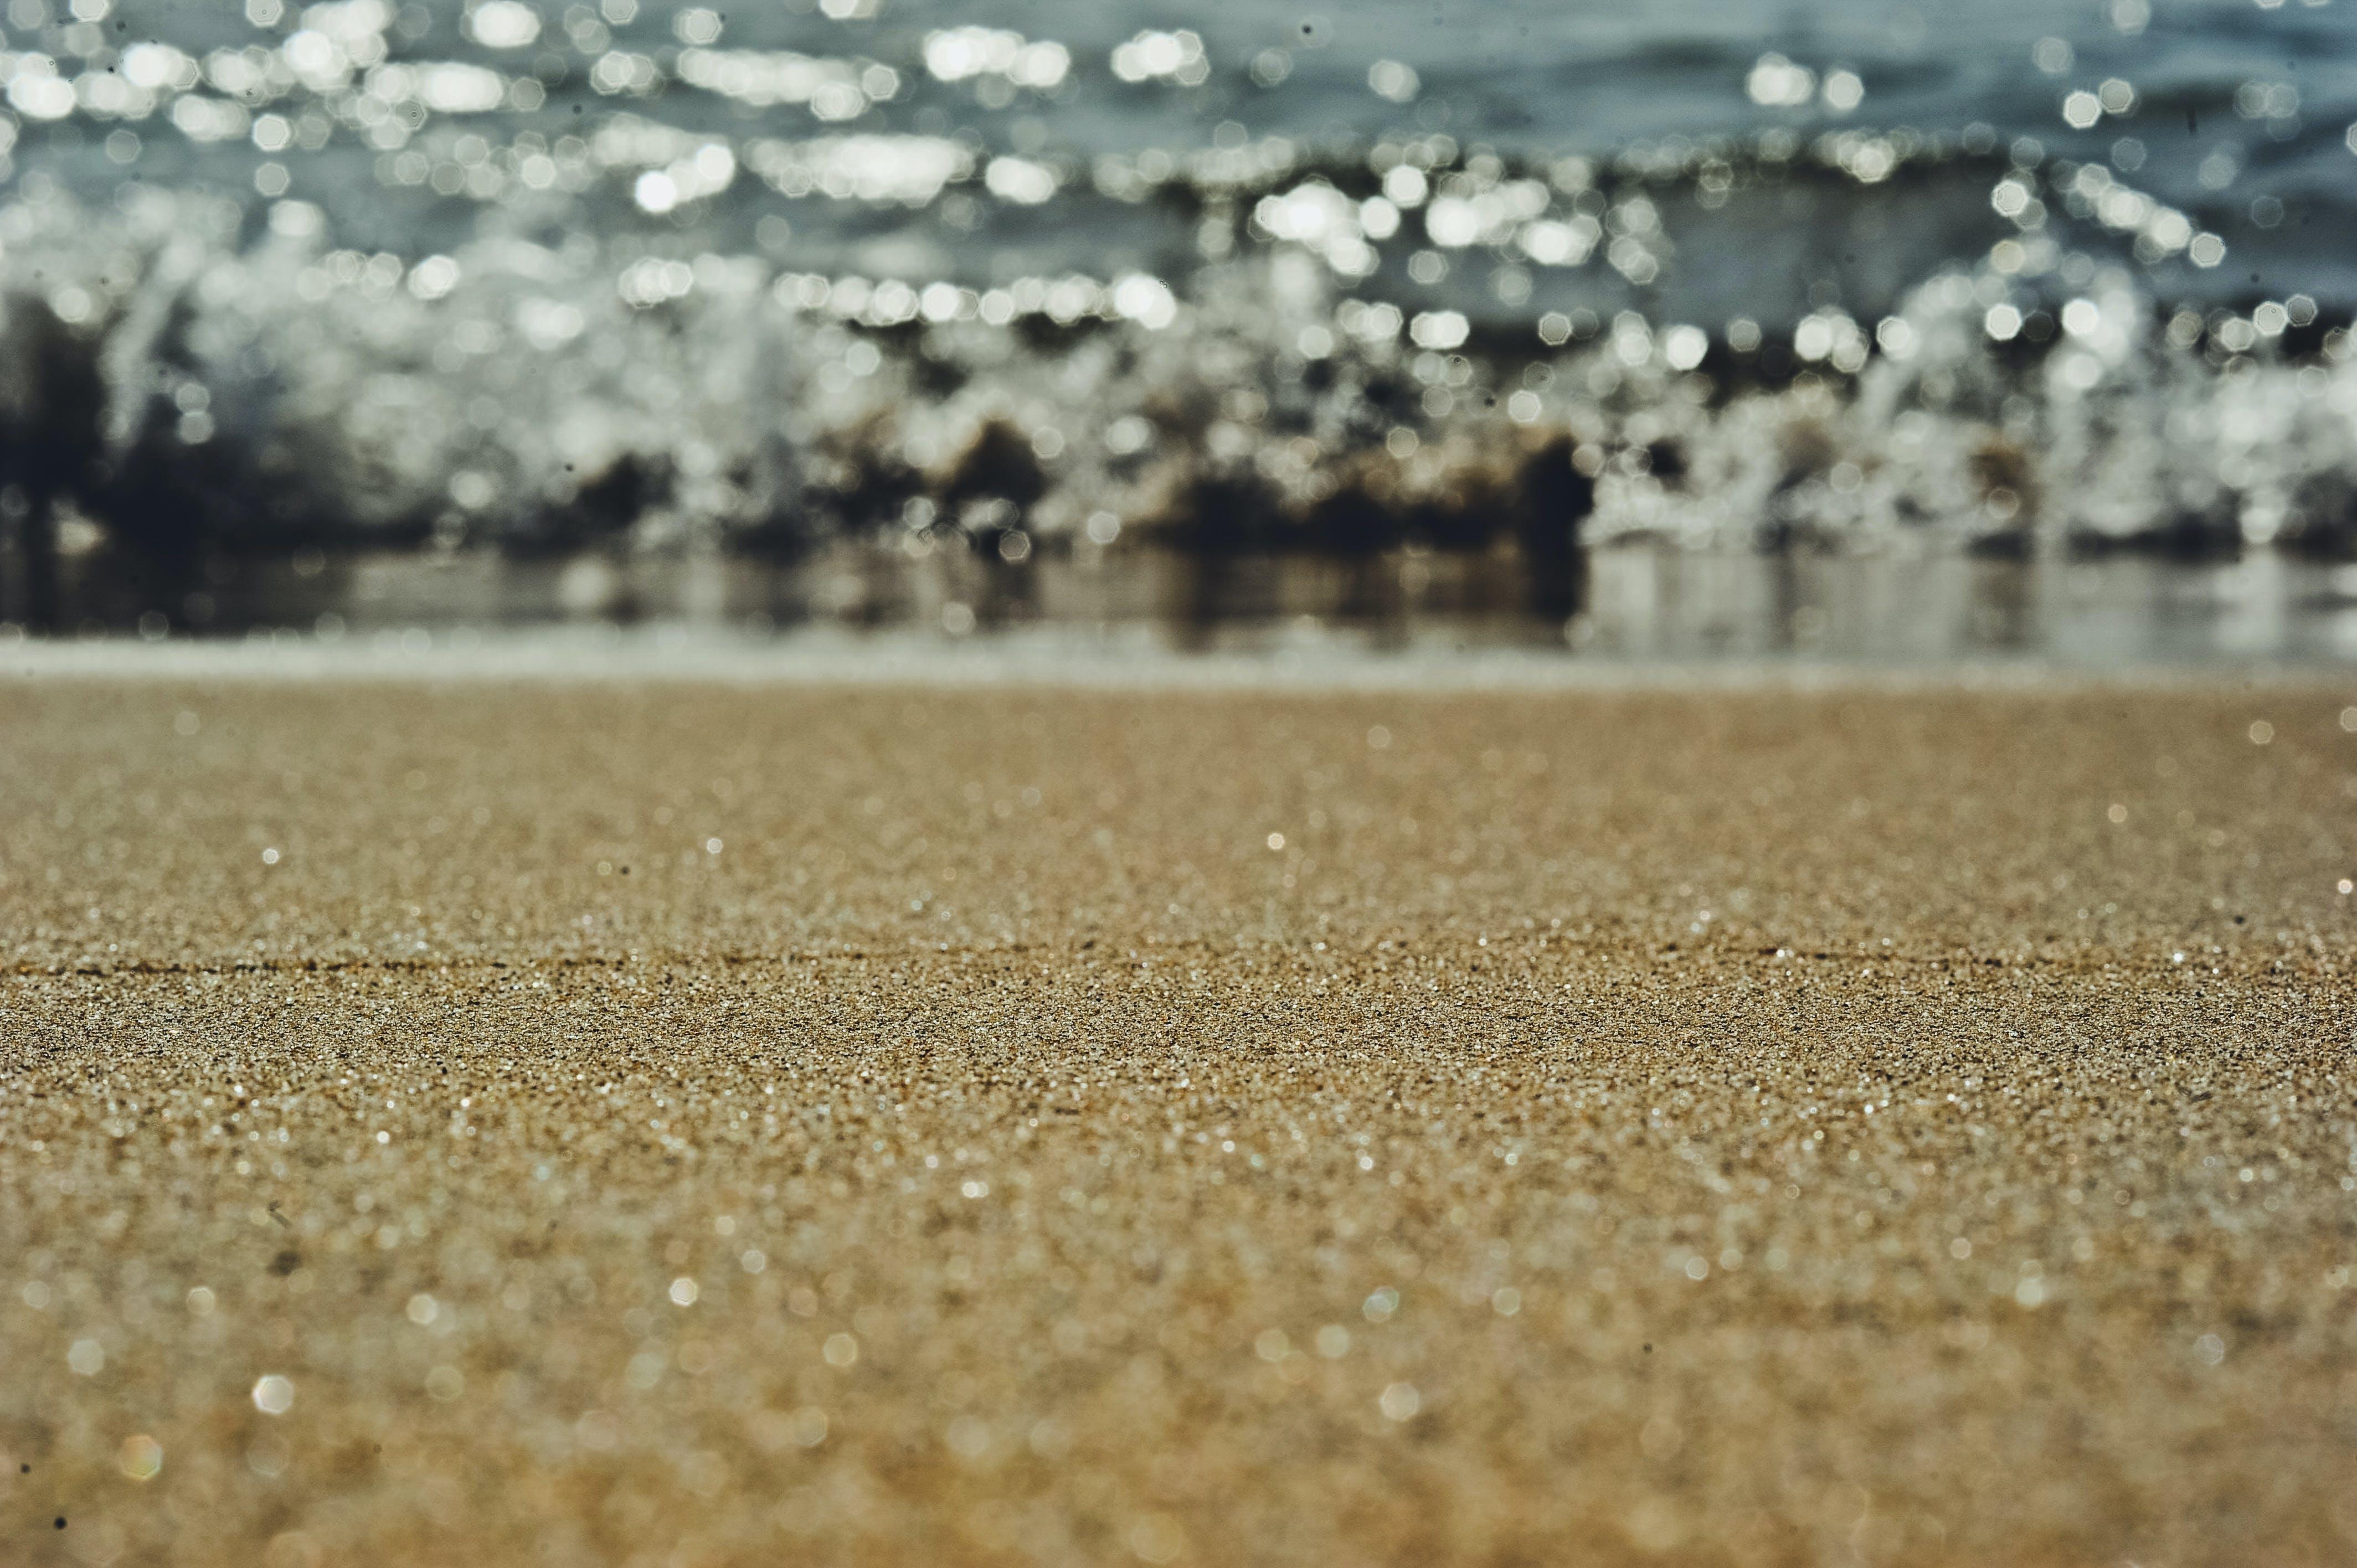 シーサイド, シースケープ, テクスチャ, ビーチの無料の写真素材